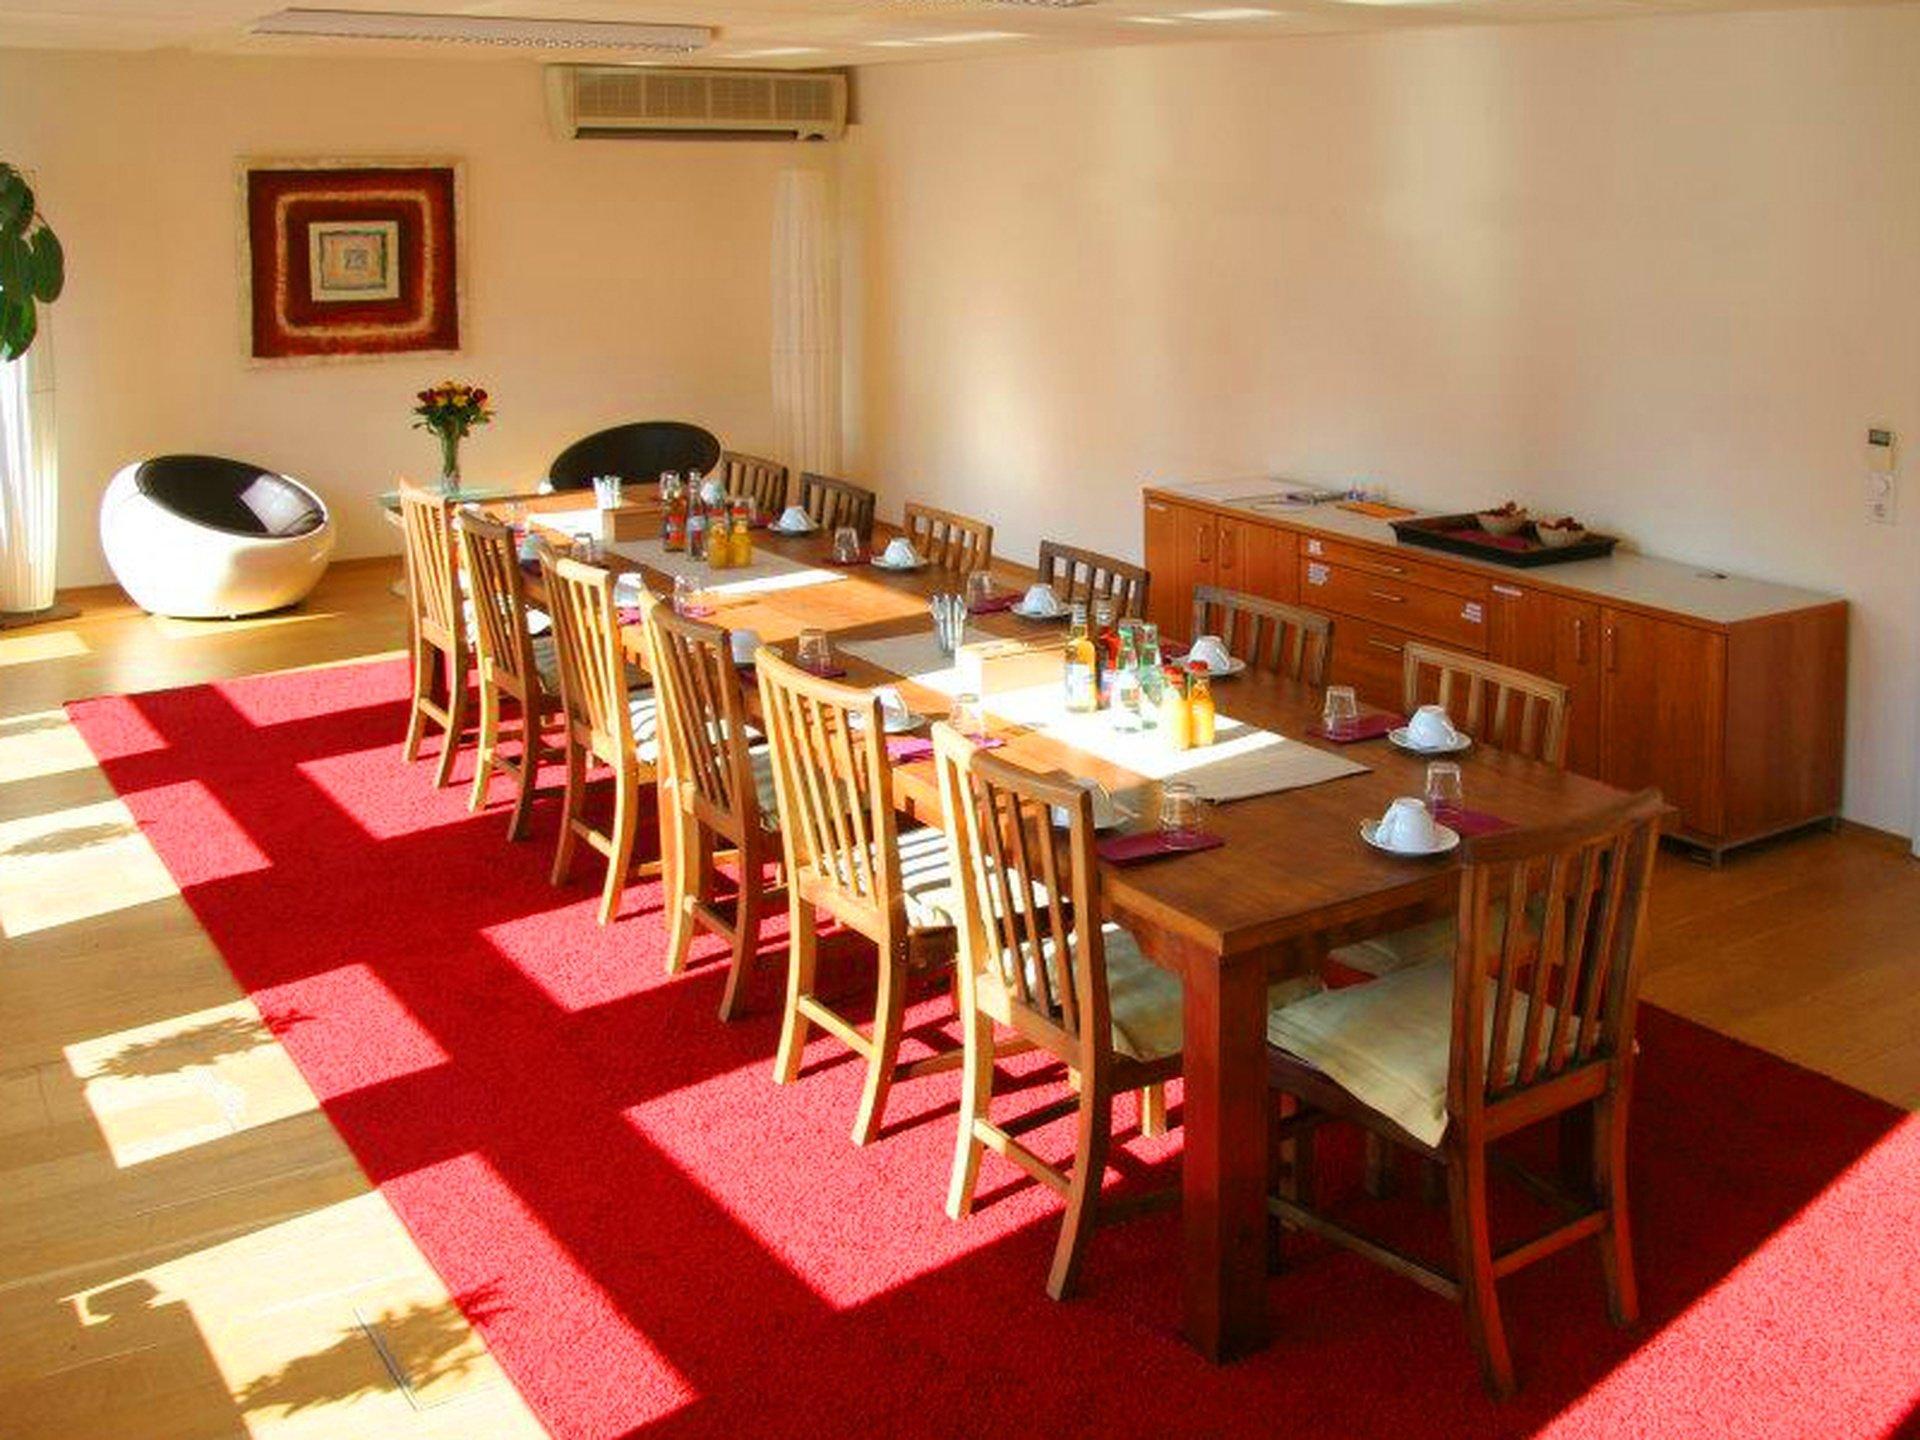 Cologne conference rooms Salle de réunion ACE International - GD 32 image 0